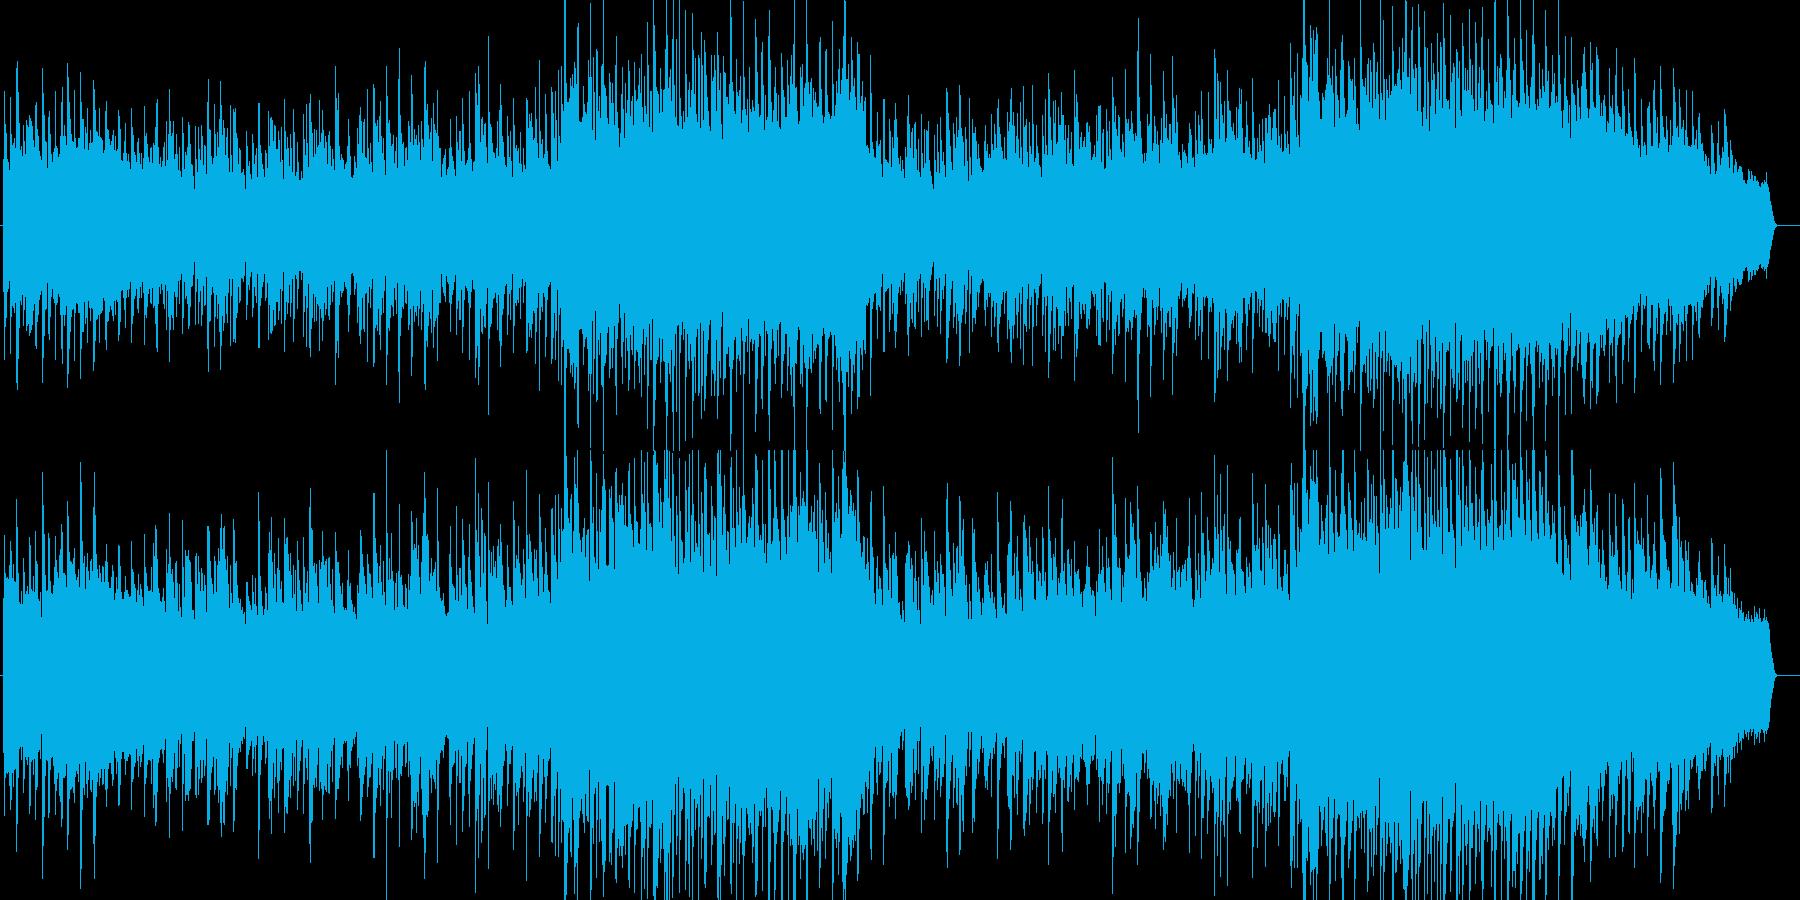 ドラマ等に使える感動的なバラードの再生済みの波形